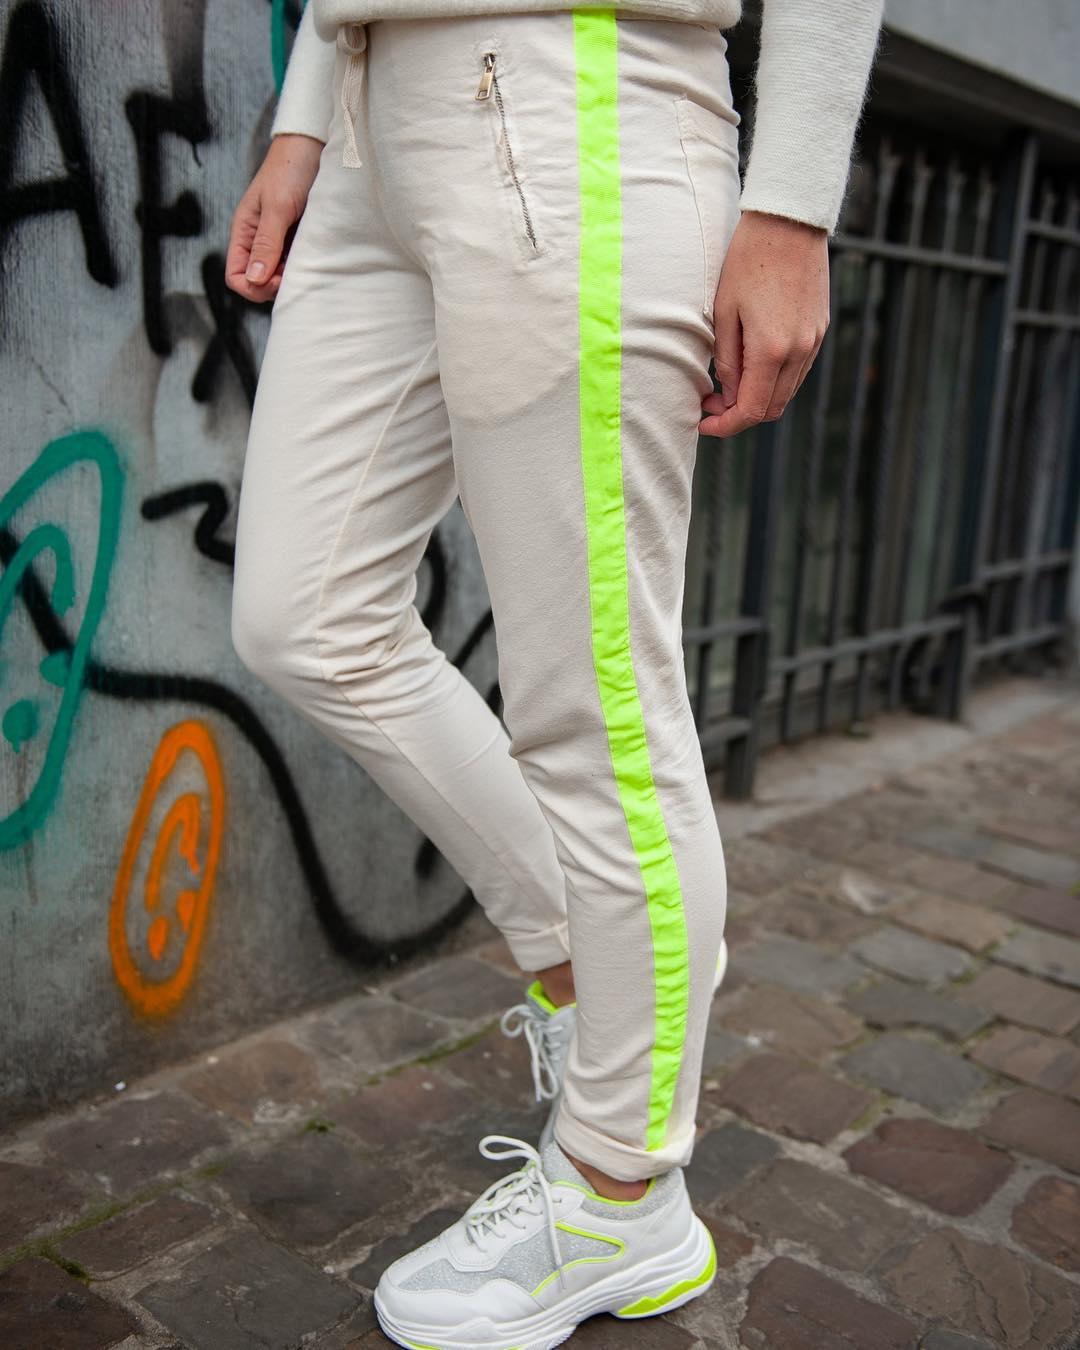 pantalon jogging lj de Les Bourgeoises sur scanlesbourgeoises